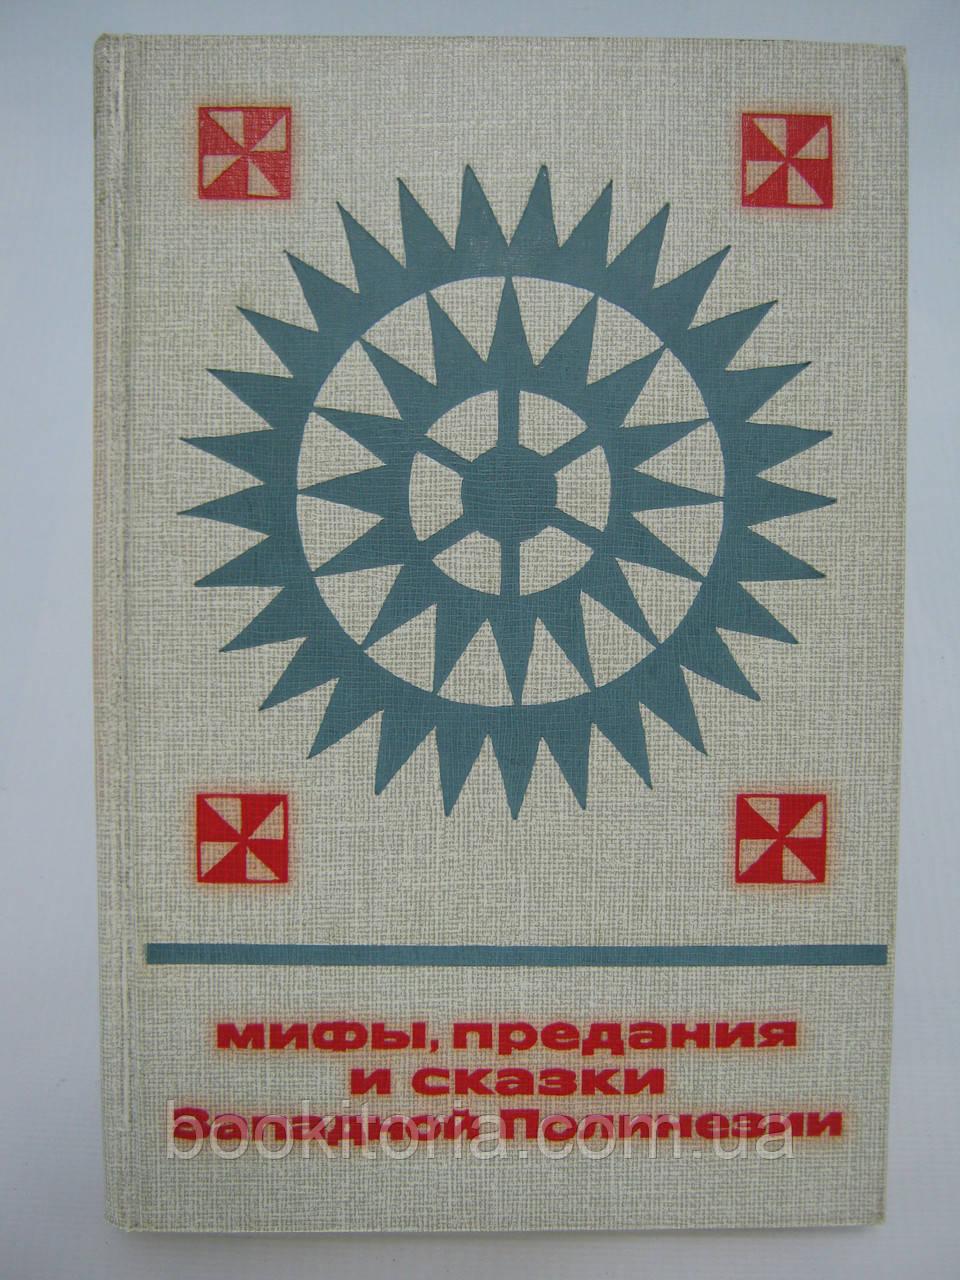 Мифы, предания и сказки Западной Полинезии (острова Самоа, Тонга, Ниуэ и Ротума) (б/у).